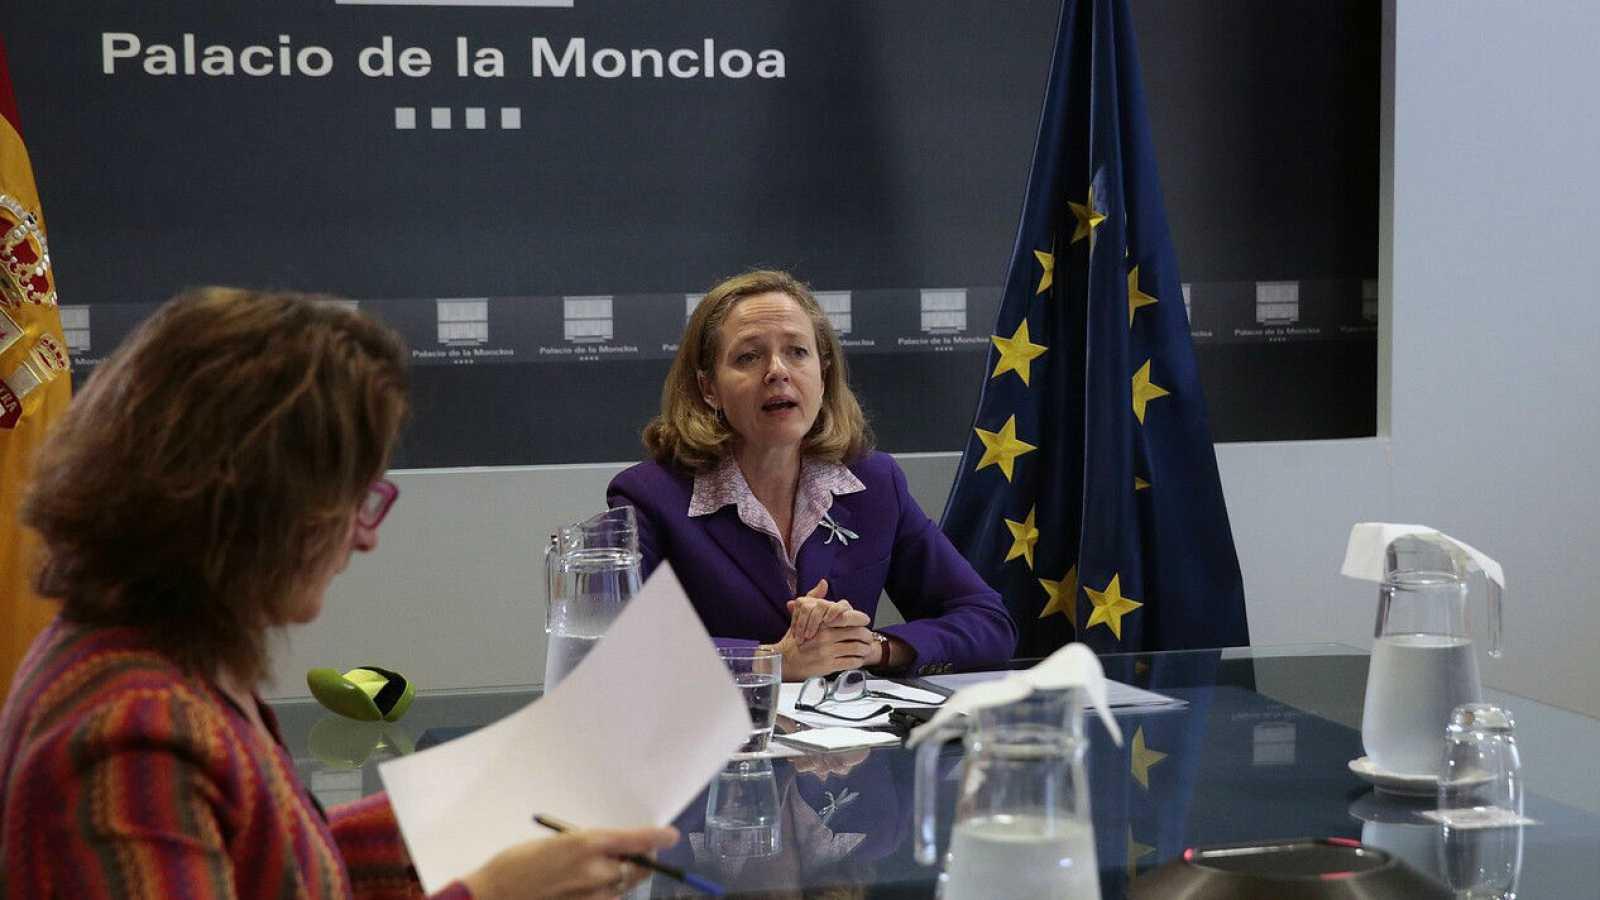 La vicepresidenta tercera y ministra de Asuntos Económicos y Transformación Digital, Nadia Calviño, durante un encuentro en La Moncloa